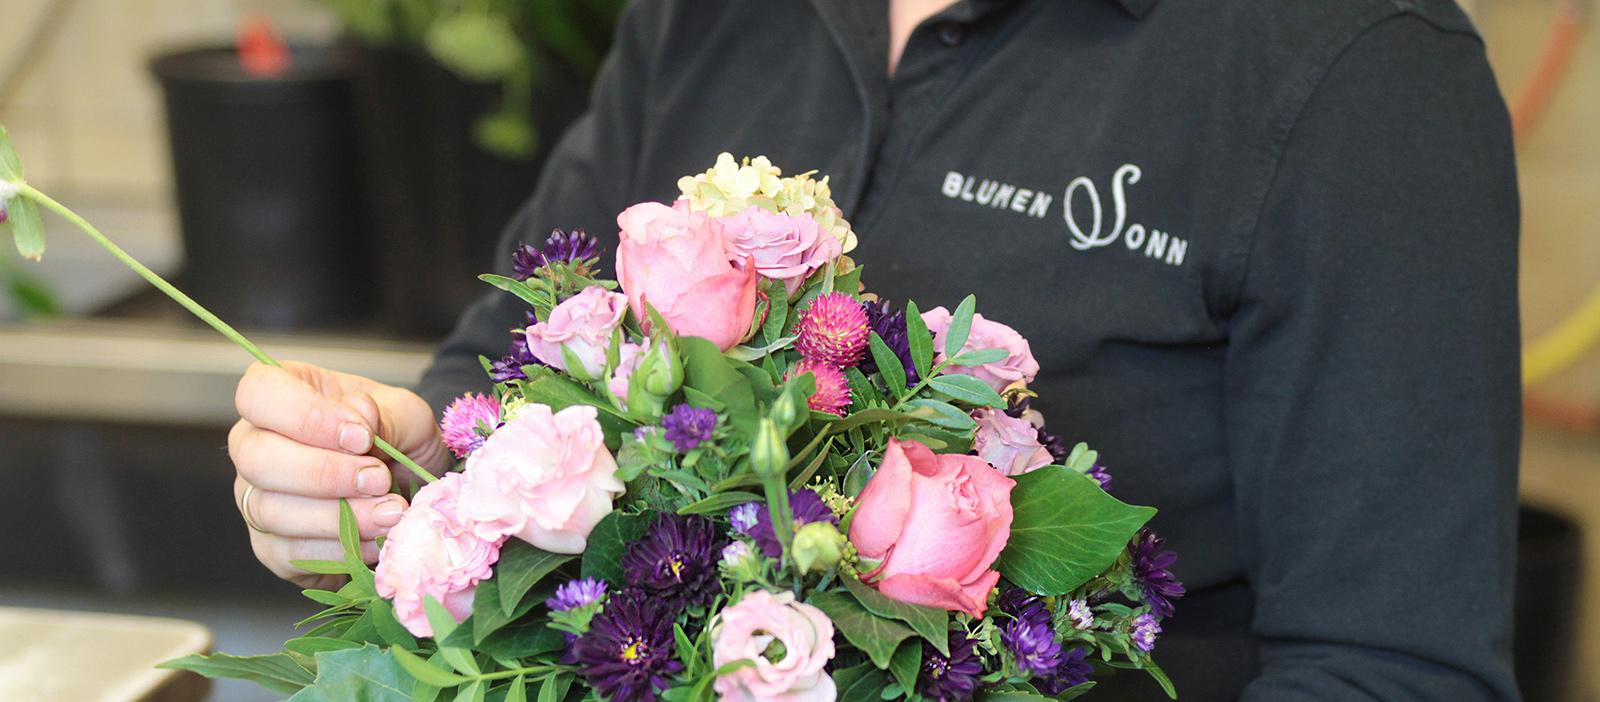 Blumen Sonn Ostfildern/Nellingen